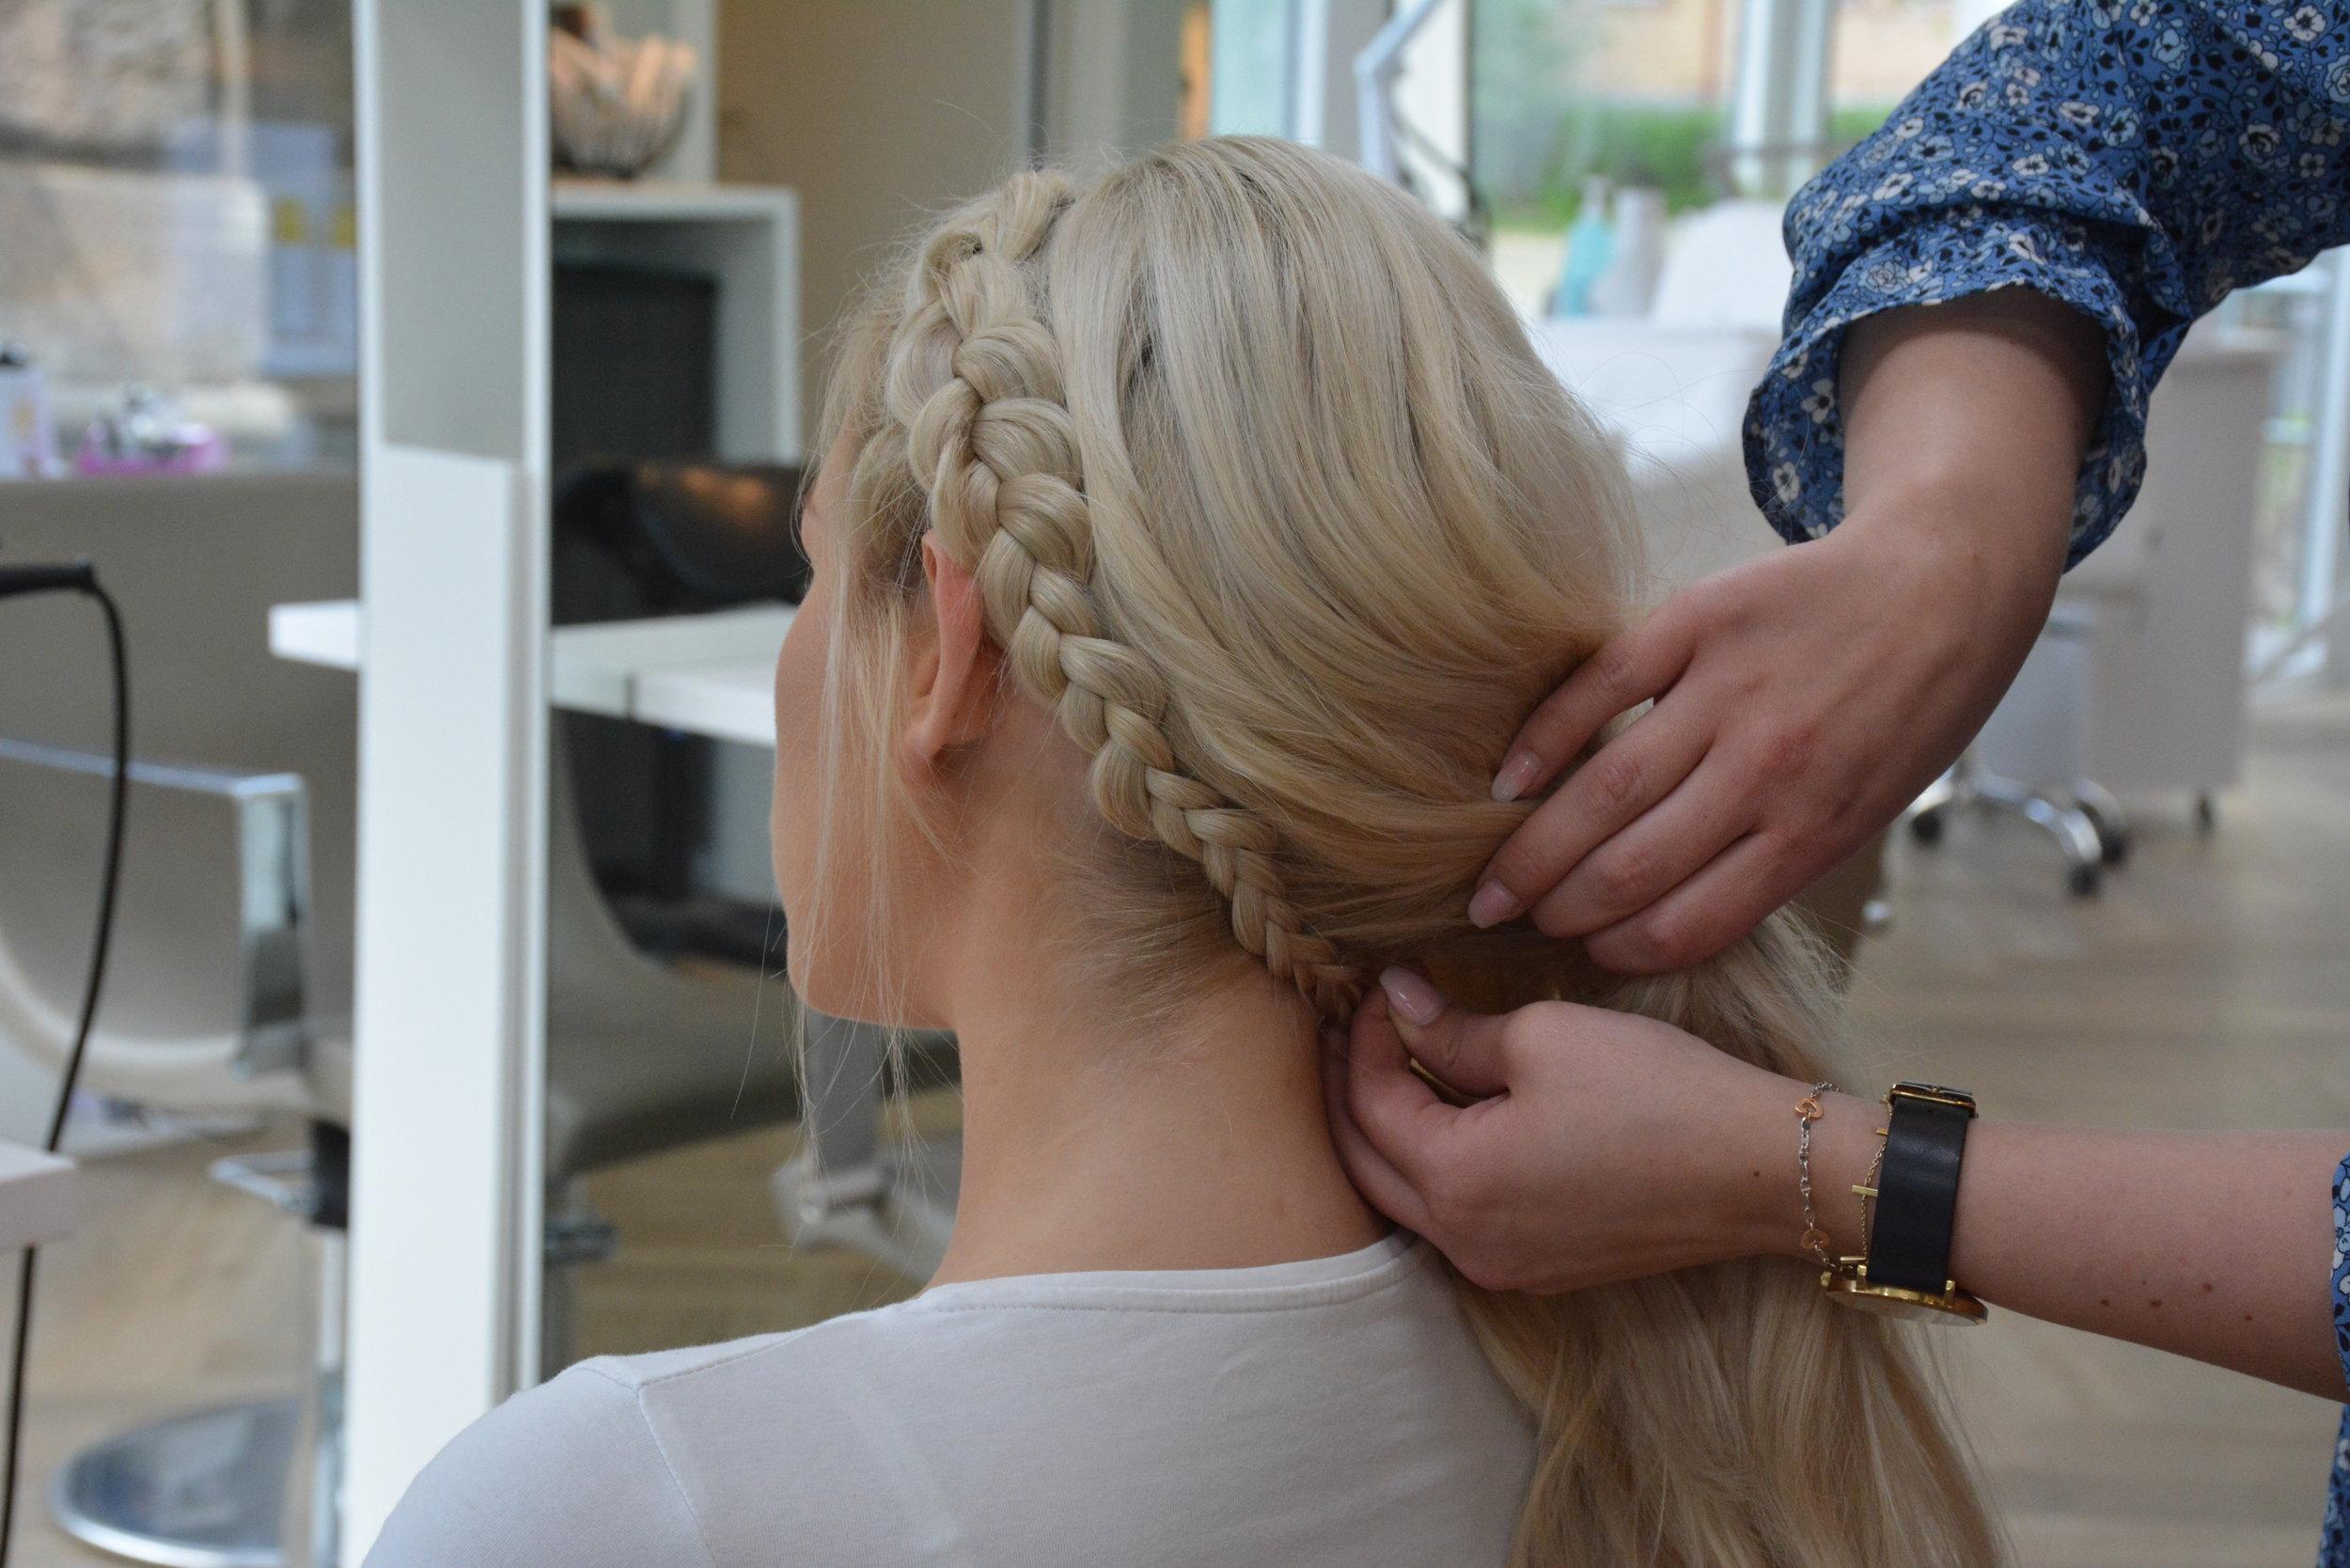 Legg fletten under håret og fest med en liten gummistrikk med litt ekstra hår under håret.